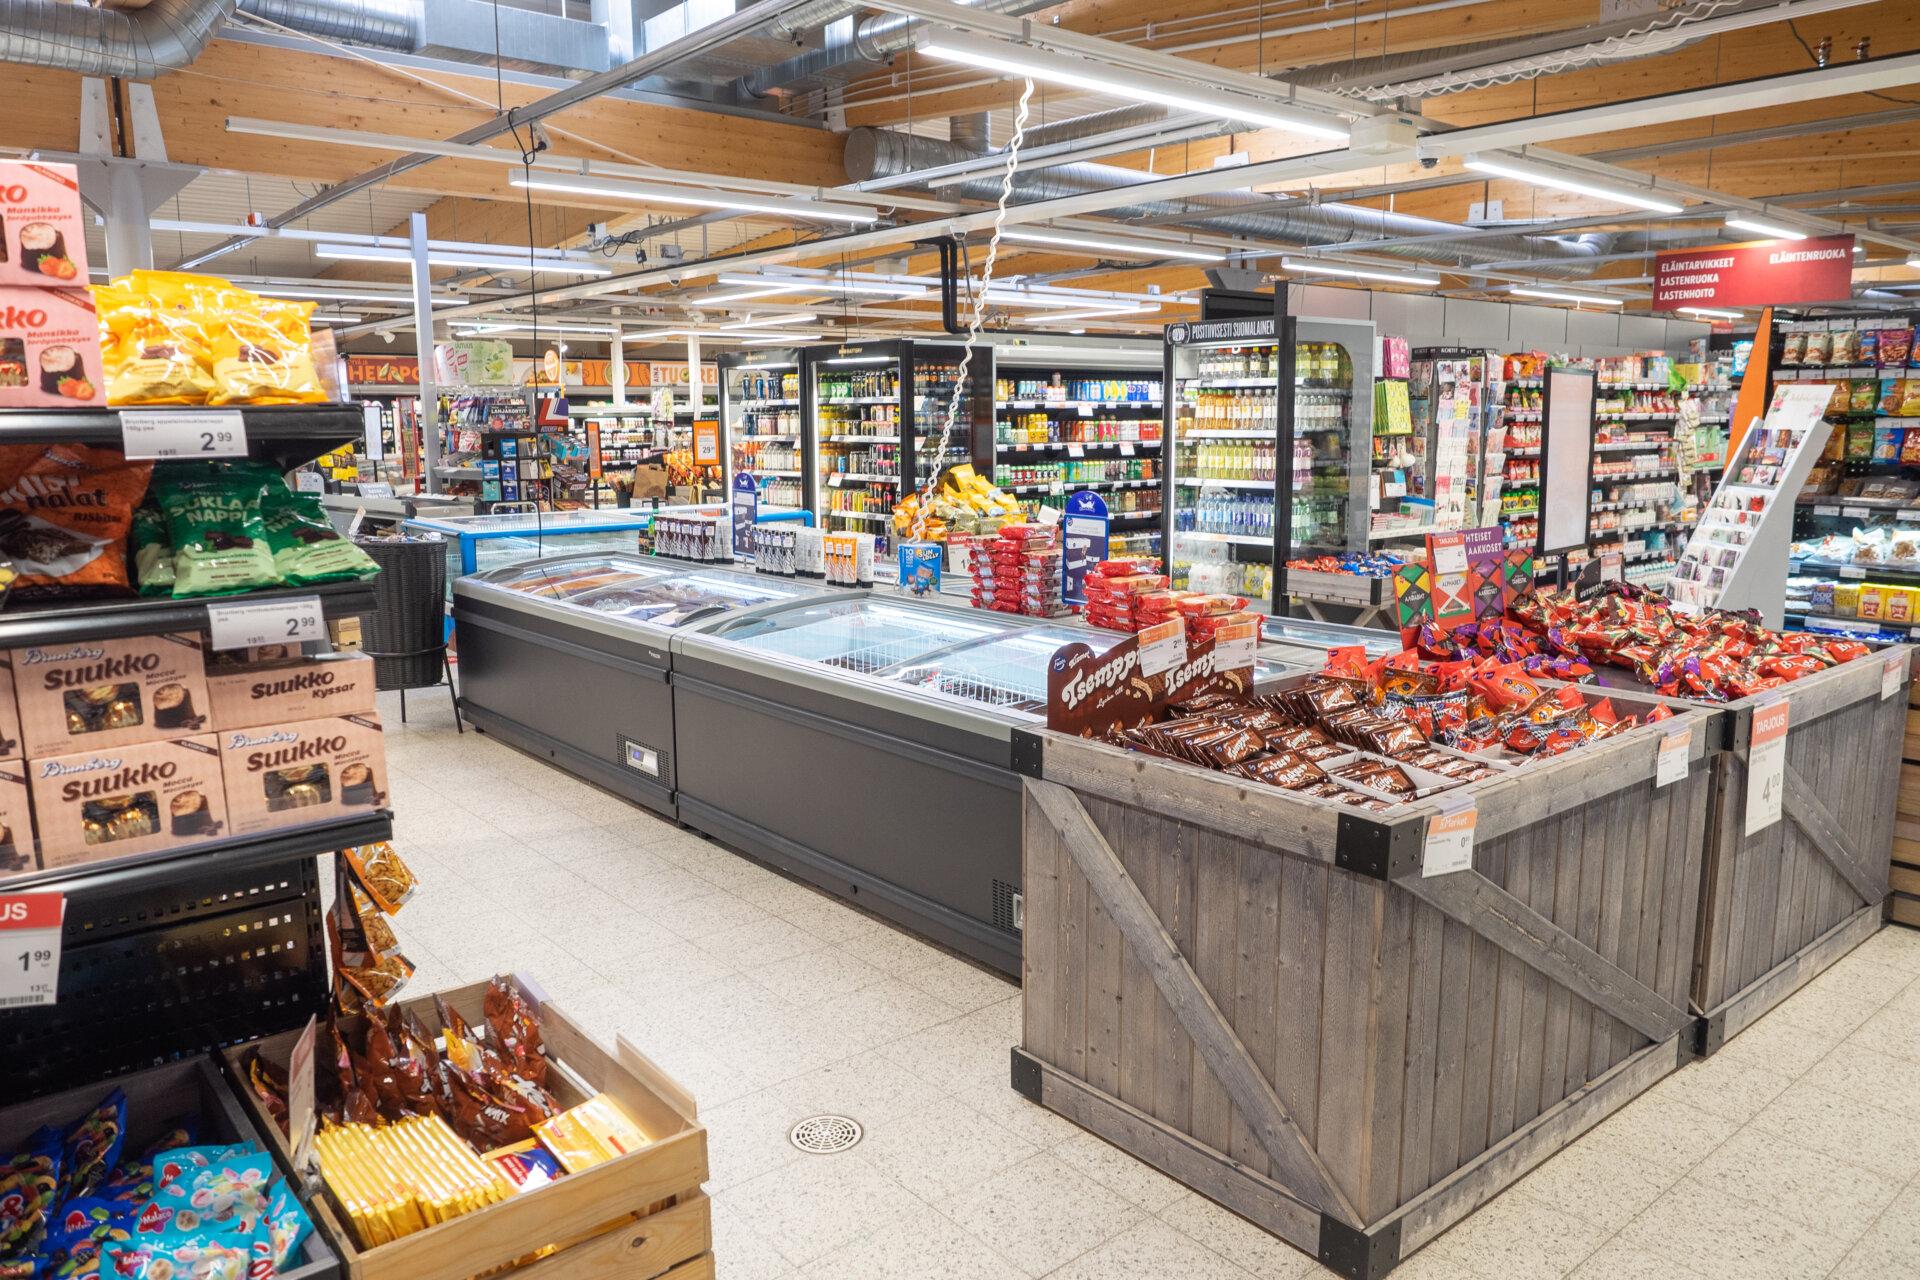 K-Market Ratakatu